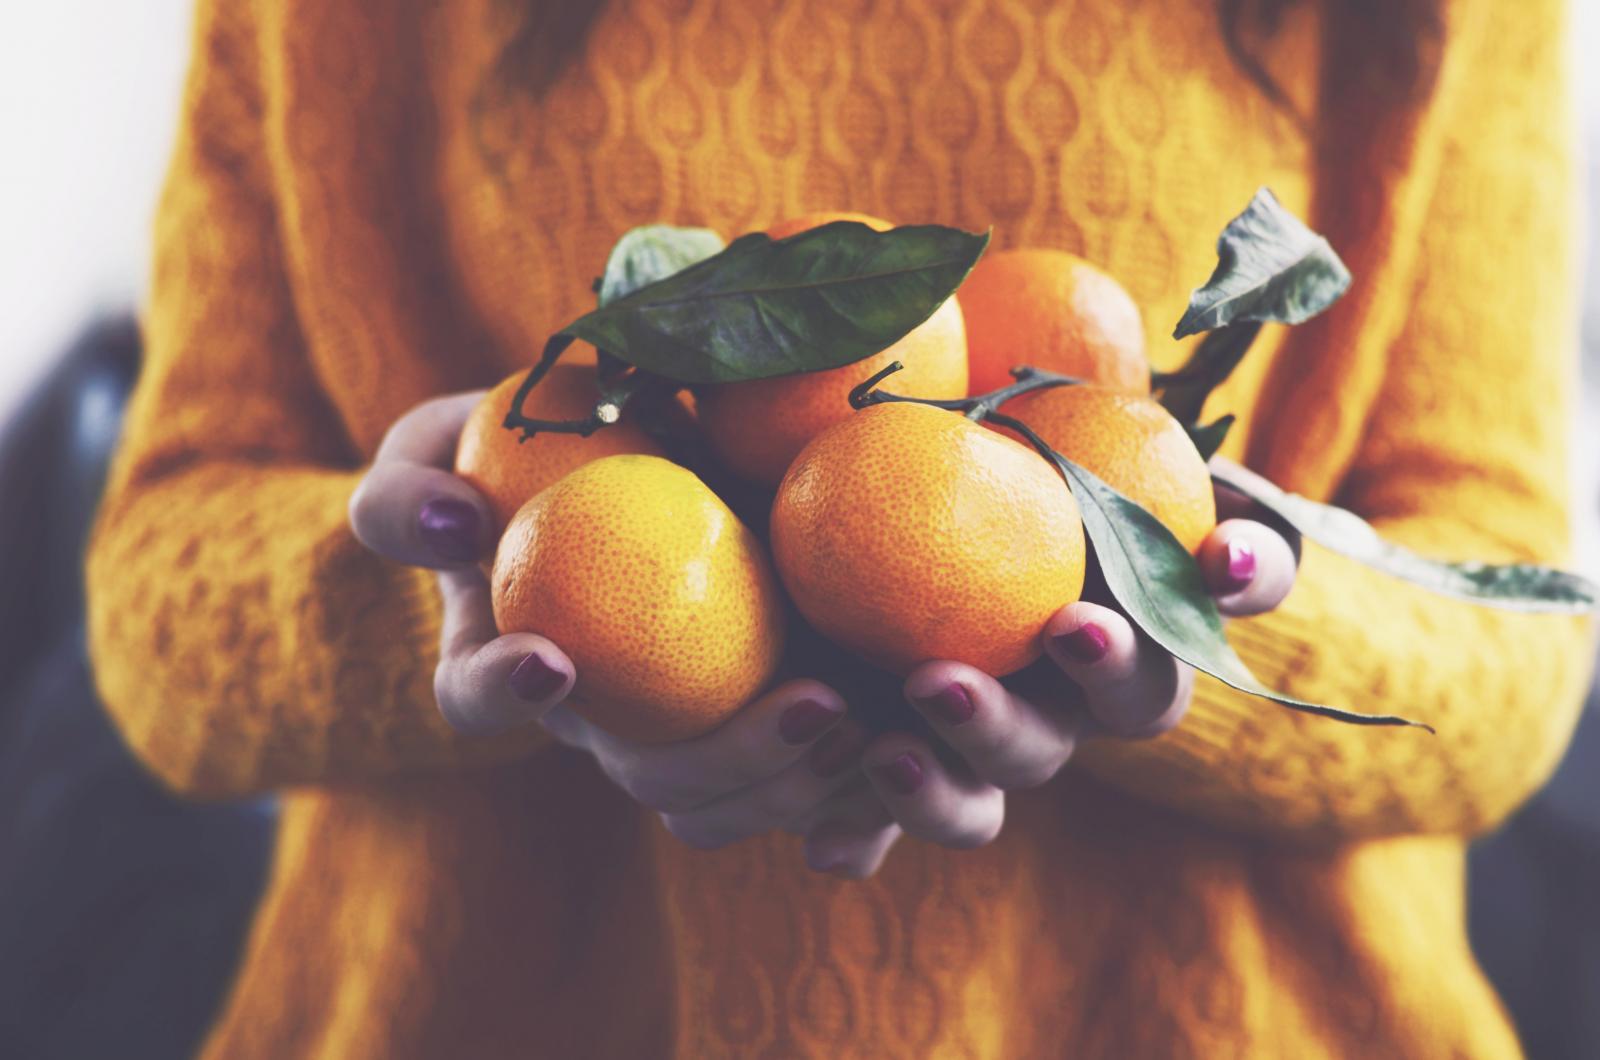 Super su naranče i mandarine, a tek limun, maslinovo ulje i riba... Poznato? Iskreno, sve je super ako se konzumira bez pretjerivanja ili, pak izbjegavanja.